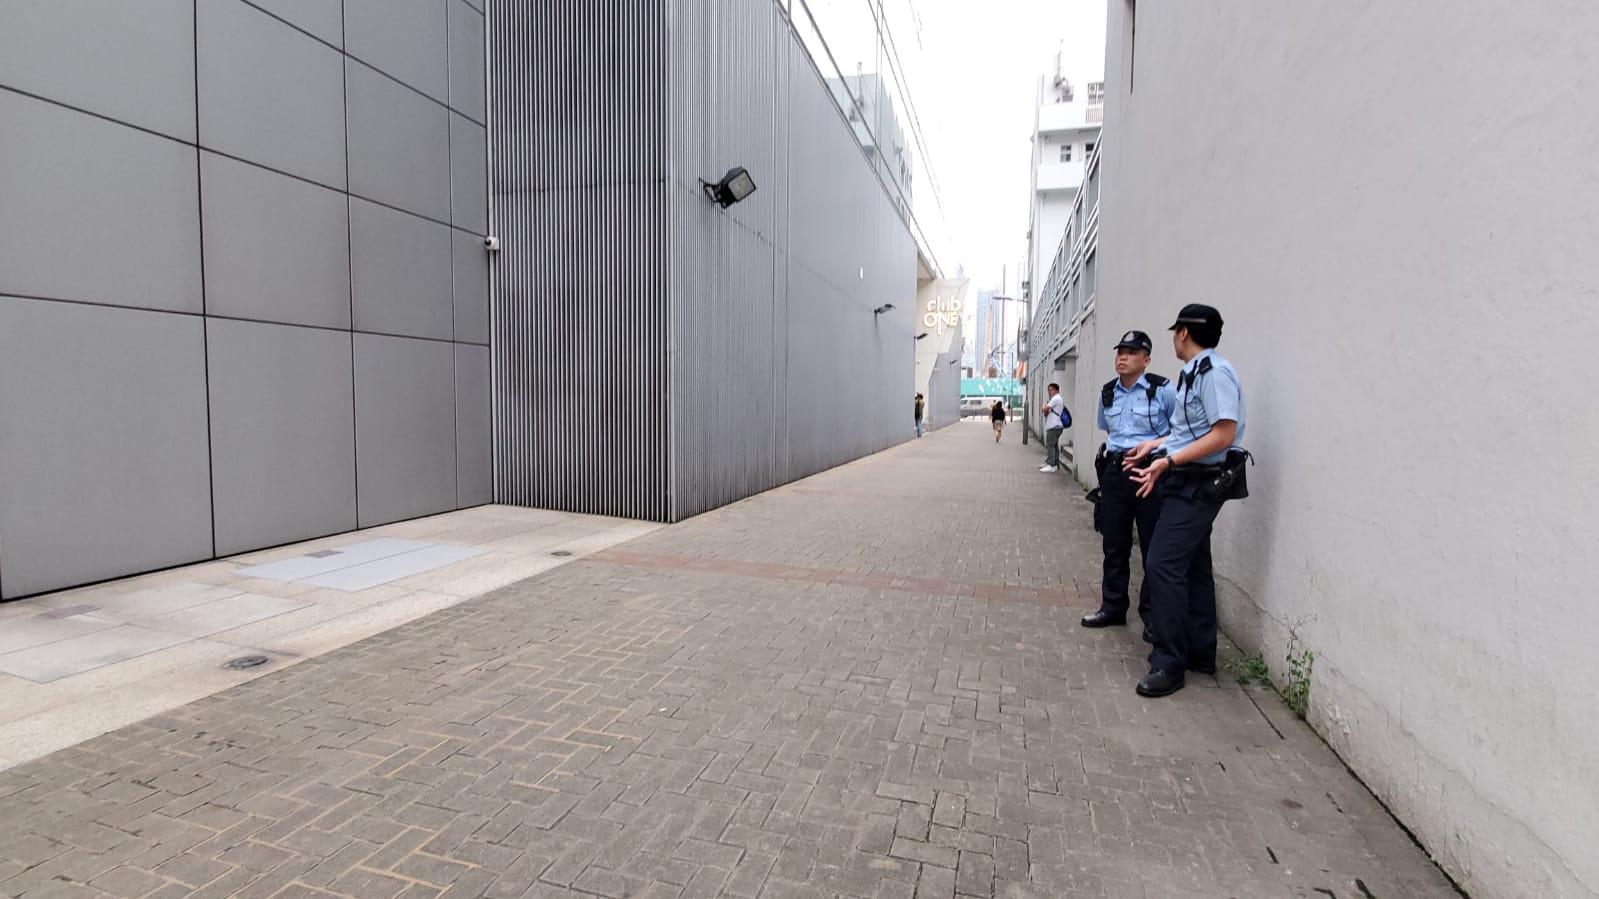 有兩名警員在婚宴場地外附件戒備。